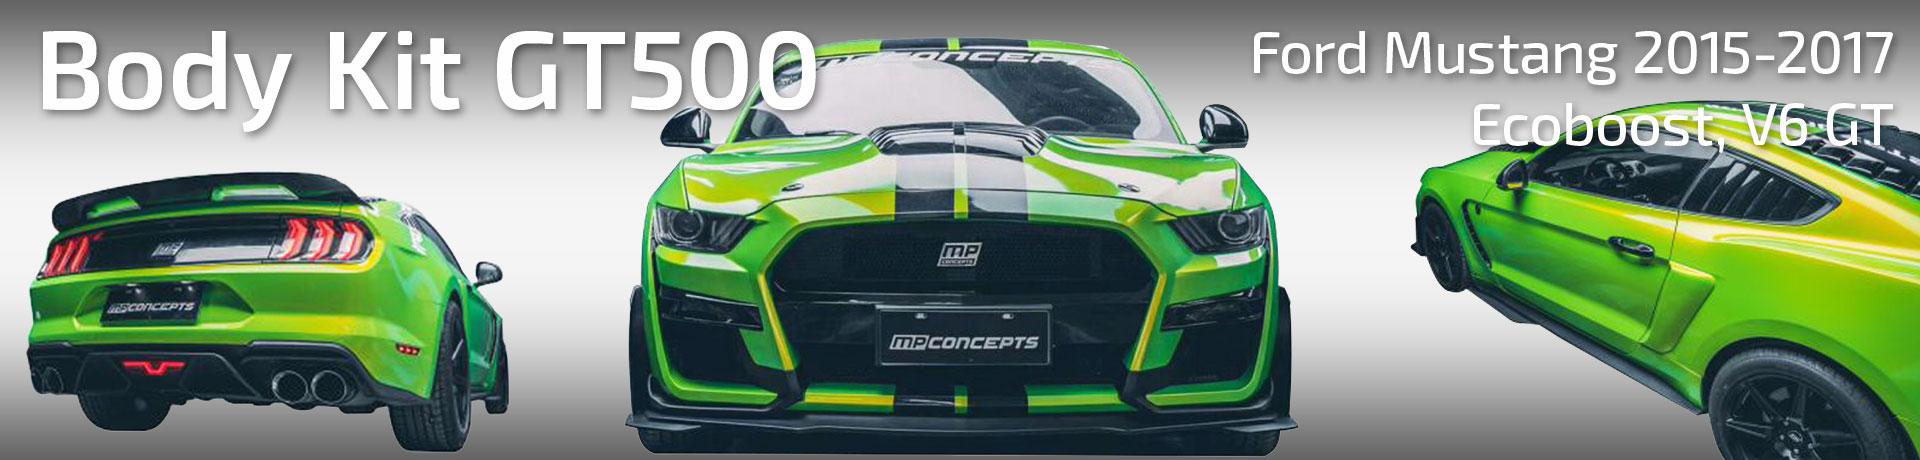 Body kit GT500 - (MUSTANG 15-17 V6, GT, Ecoboost)